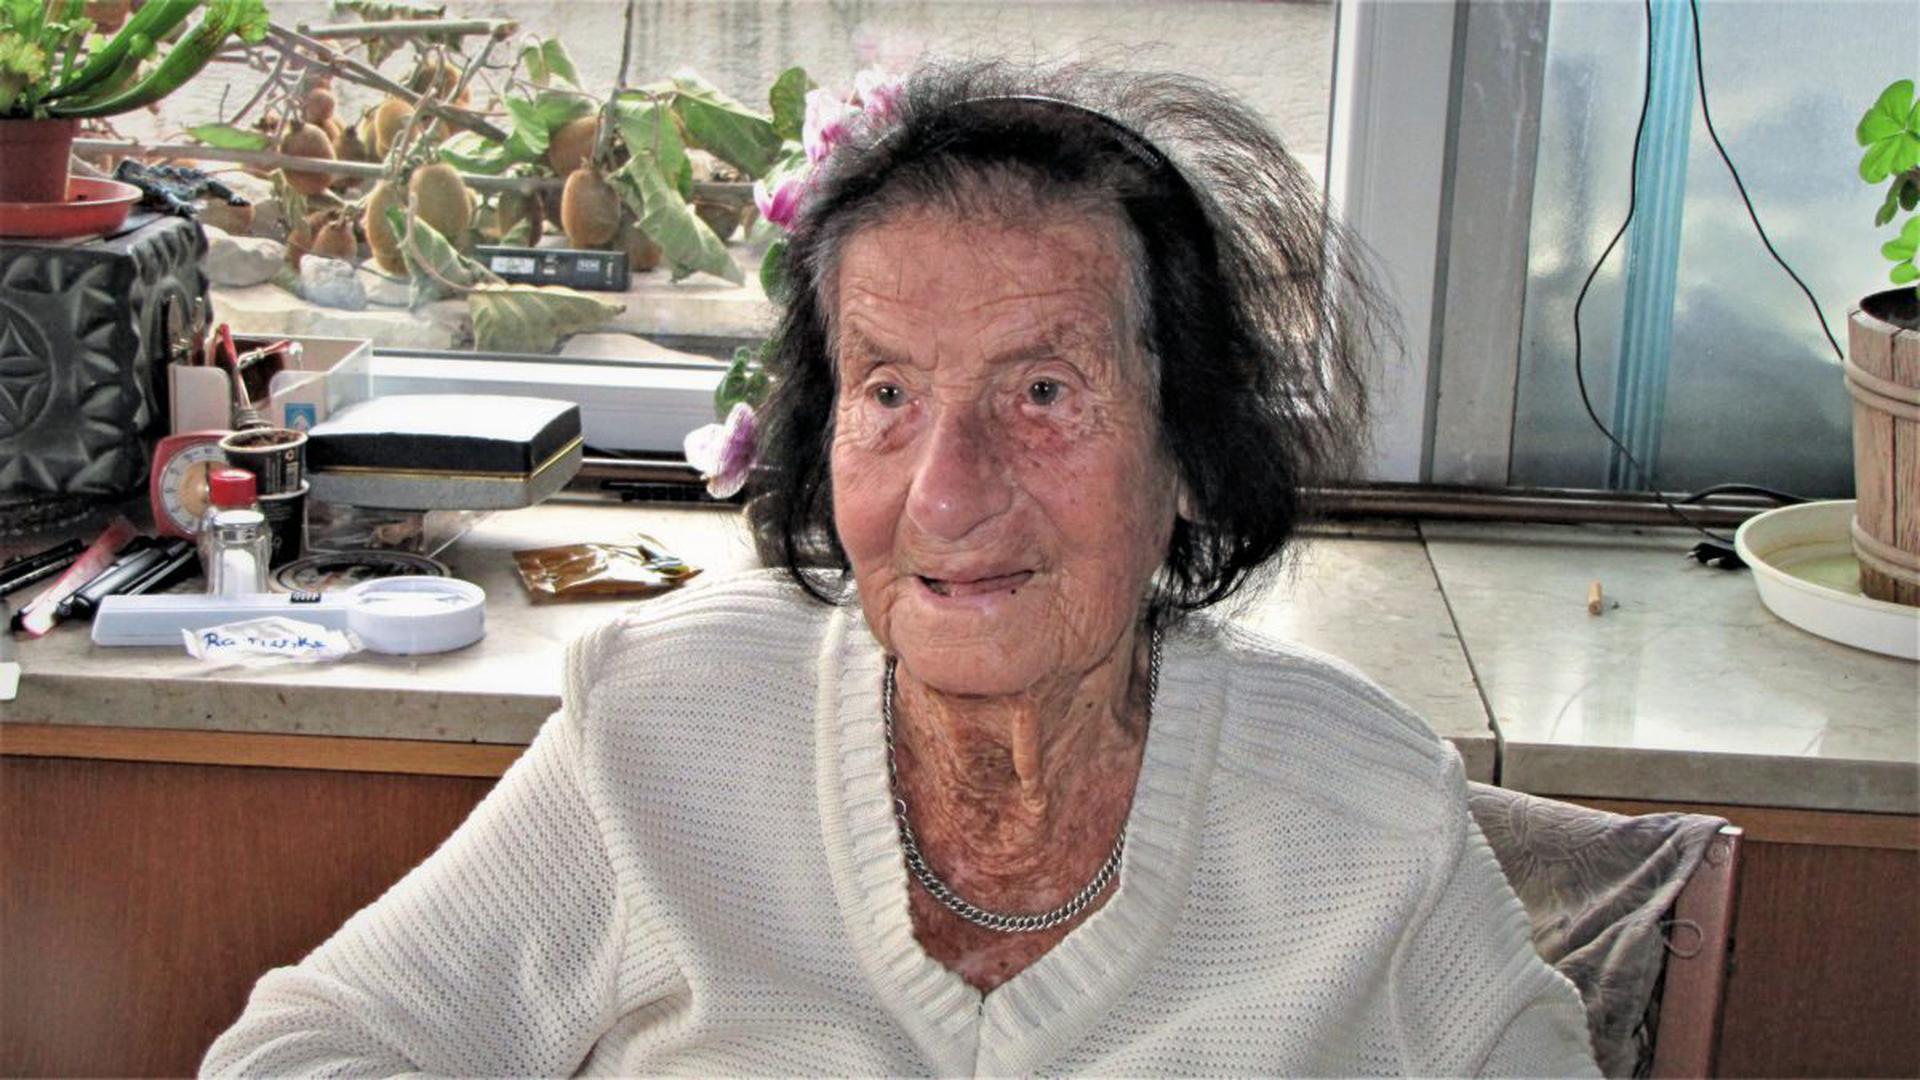 Die älteste Bürgerin Ettlingens ist gestorben: Unser Bild zeigt Charlotte Feigel an ihrem 110. Geburtstag am 9. Dezember 2019.